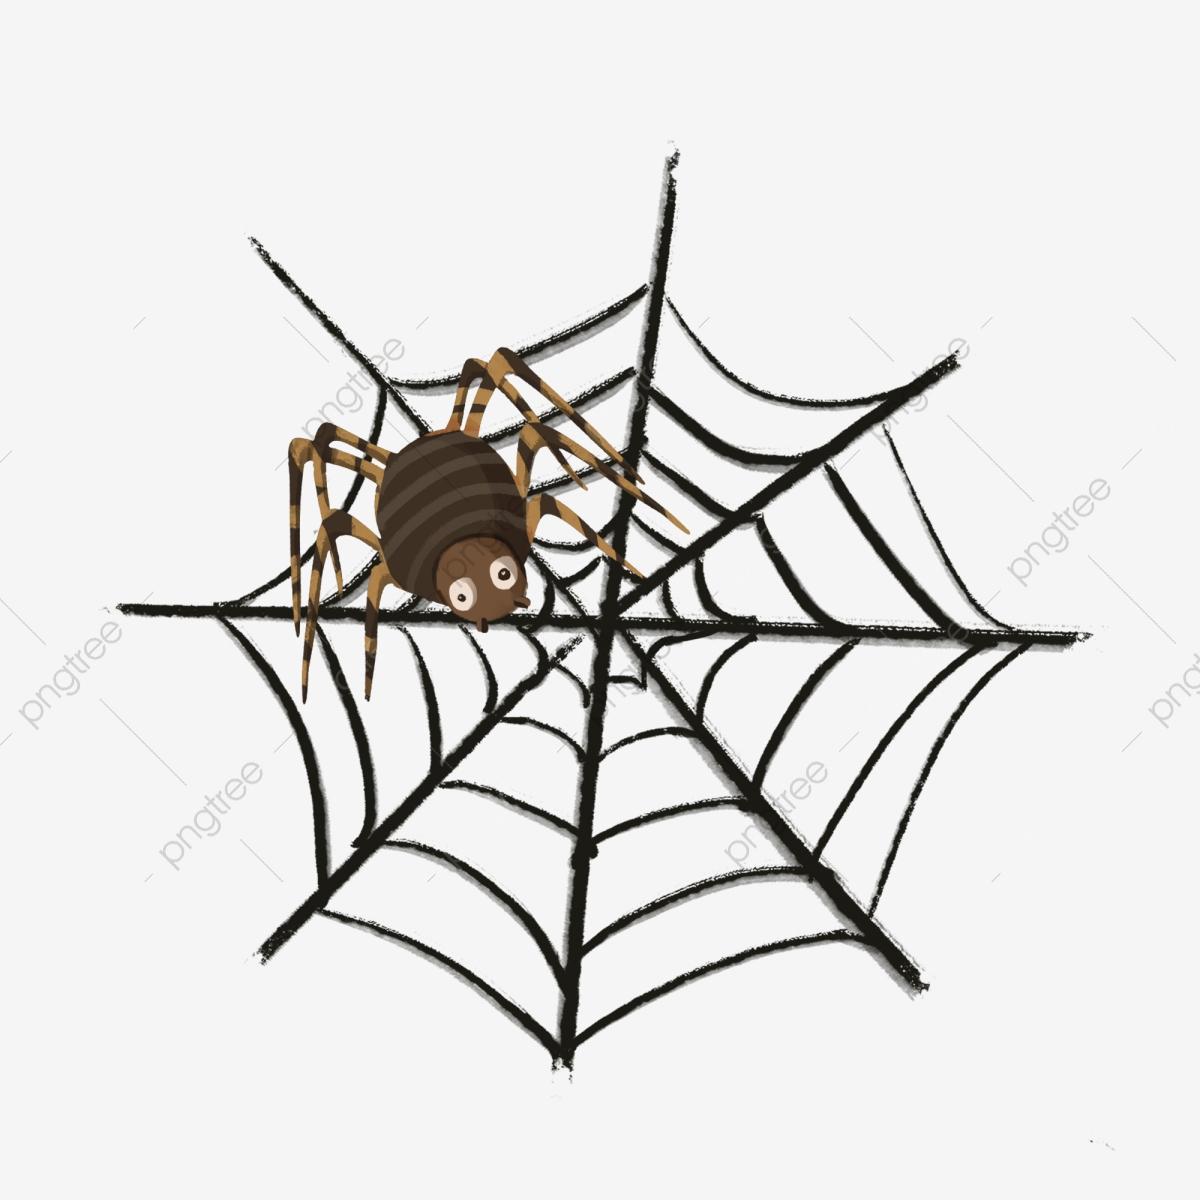 Halloween Thème Toile Daraignée Araignée, Dessin Animé à Dessin Toile Araignée